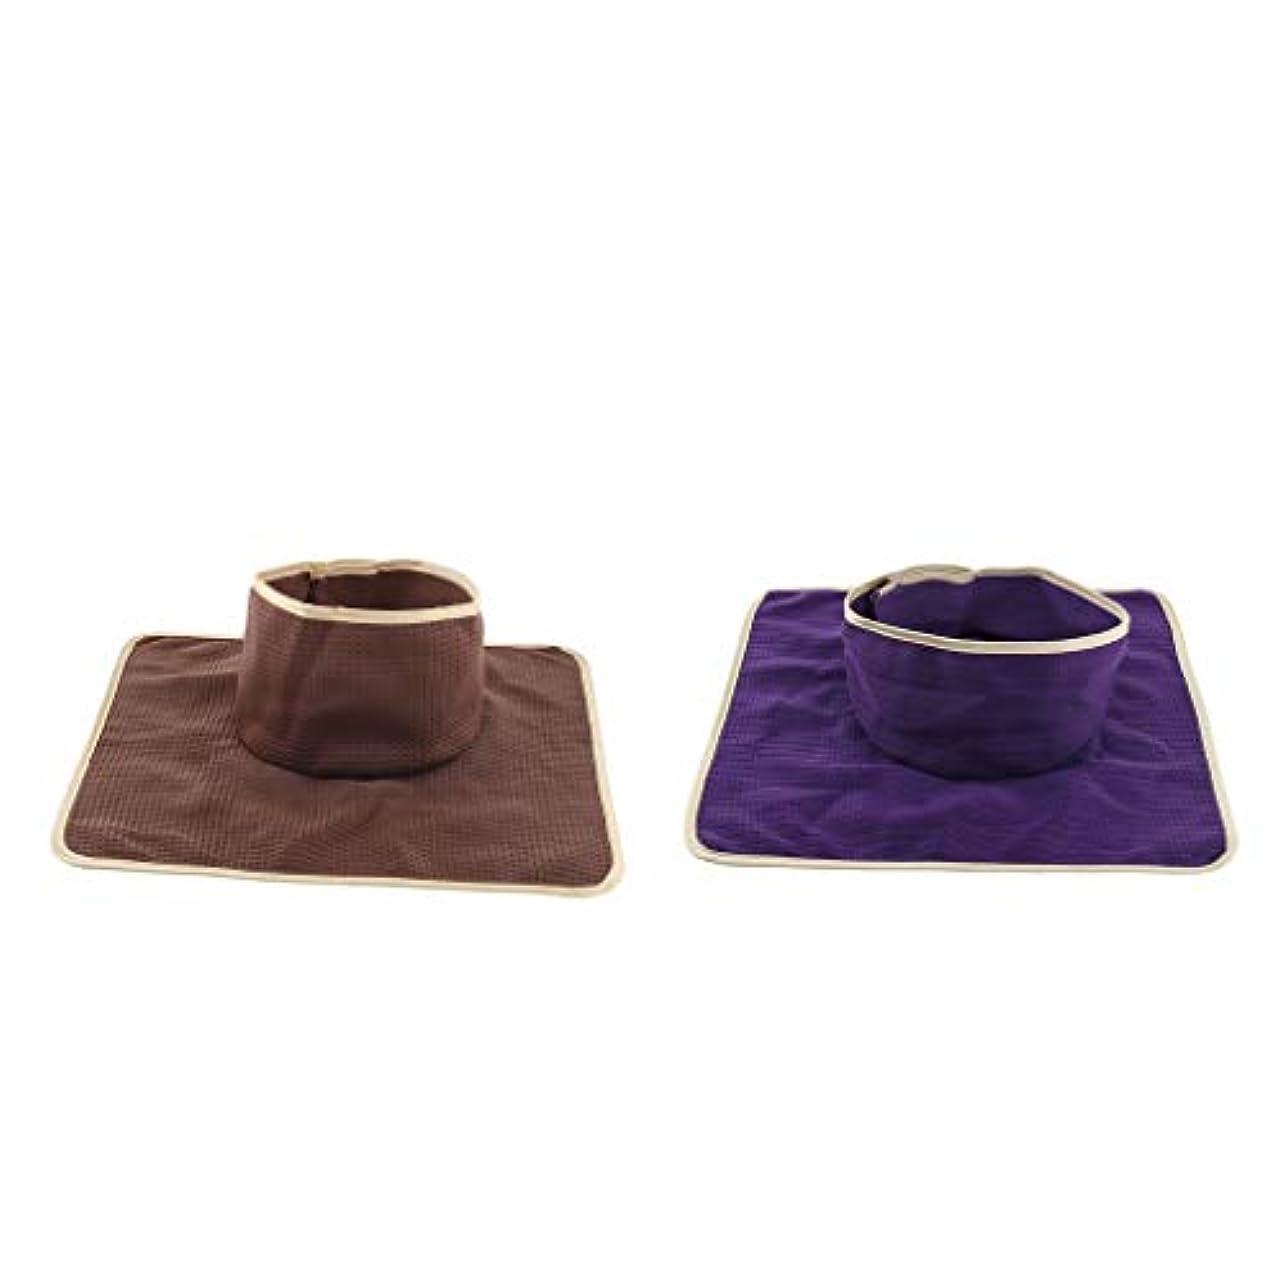 相談同化ささいなフェイスホール付き 2ピース 洗え 再利用可能な マッサージ ベッドタトゥーテーブルシートパッド